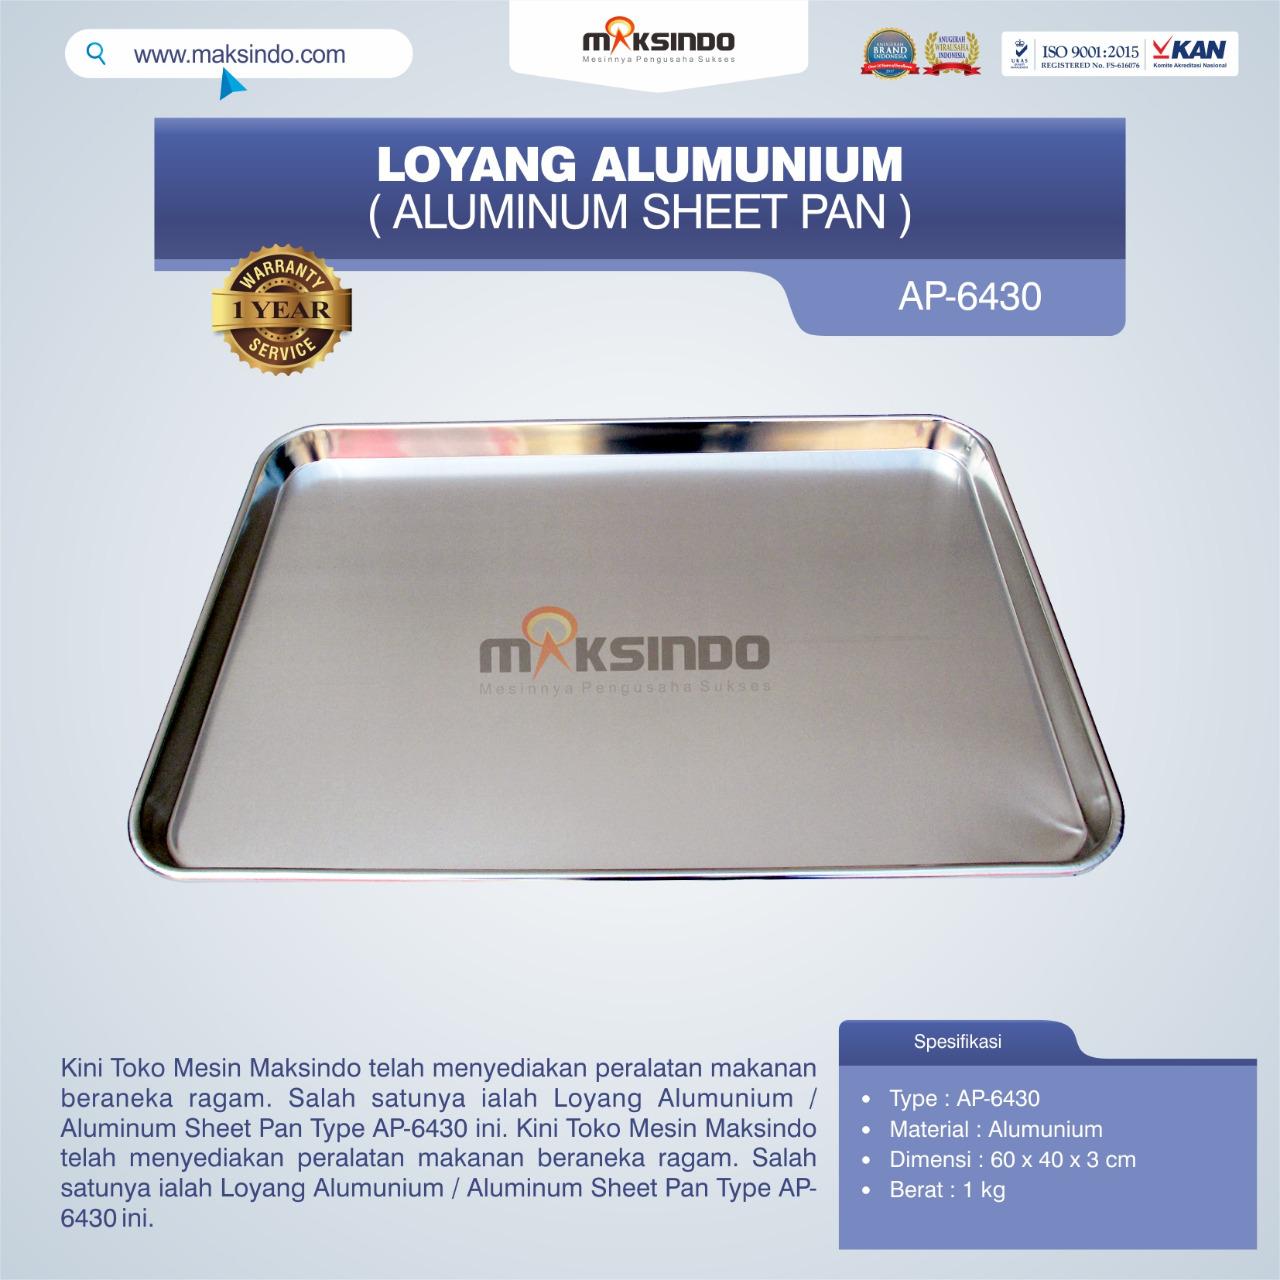 Jual Loyang Alumunium / Aluminum Sheet Pan Type AP-6430 di Medan